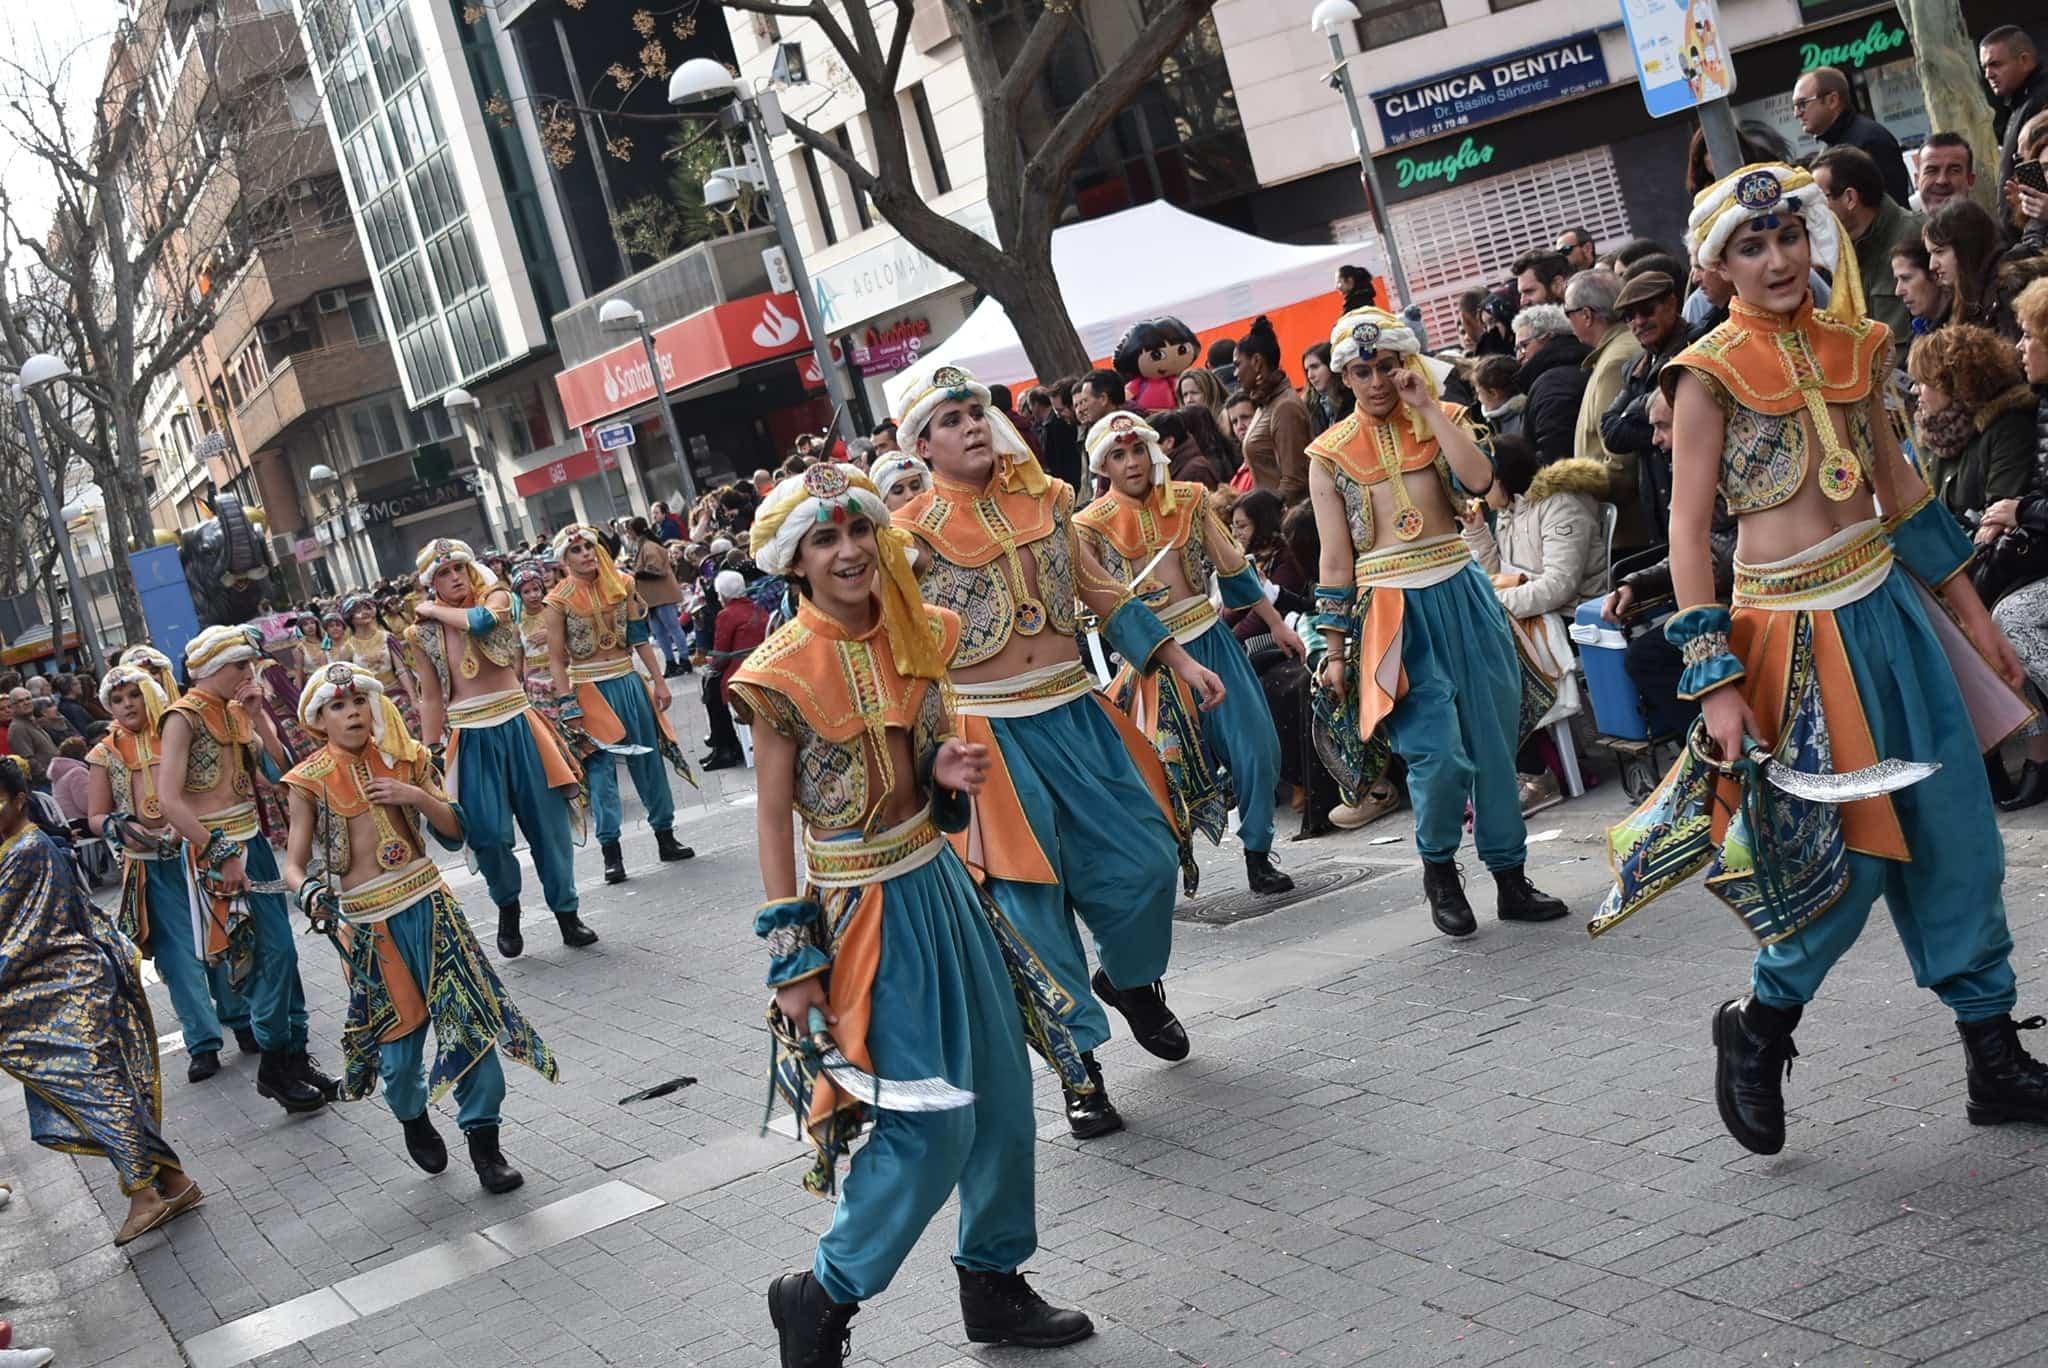 Carnaval de ciudad real 2020 axonsou arlequin oro herencia 19 - Axonsou se lleva el Arlequín de Oro en Ciudad Real